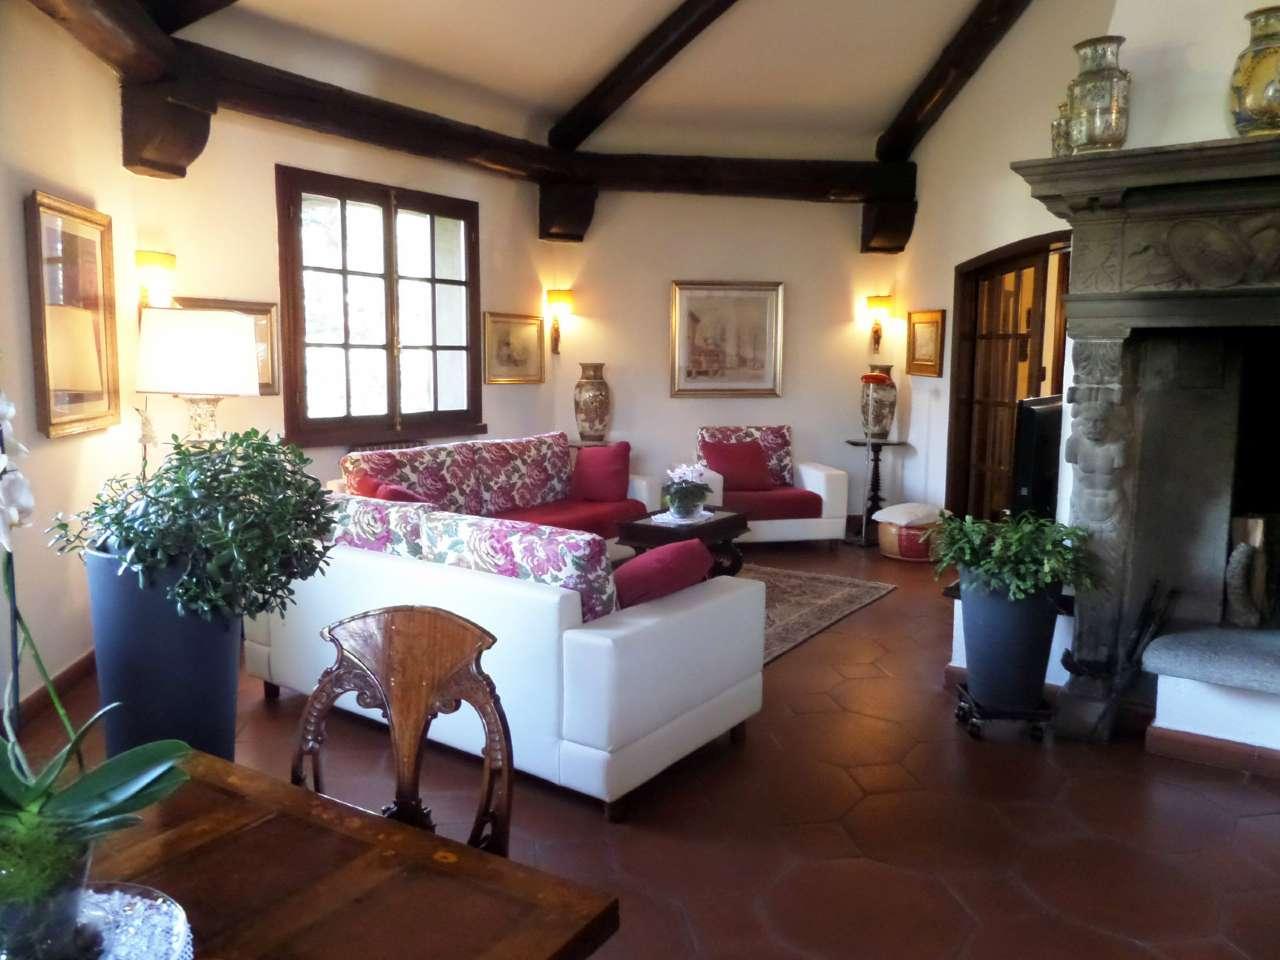 Villa in vendita a Cerro Maggiore, 8 locali, Trattative riservate | CambioCasa.it